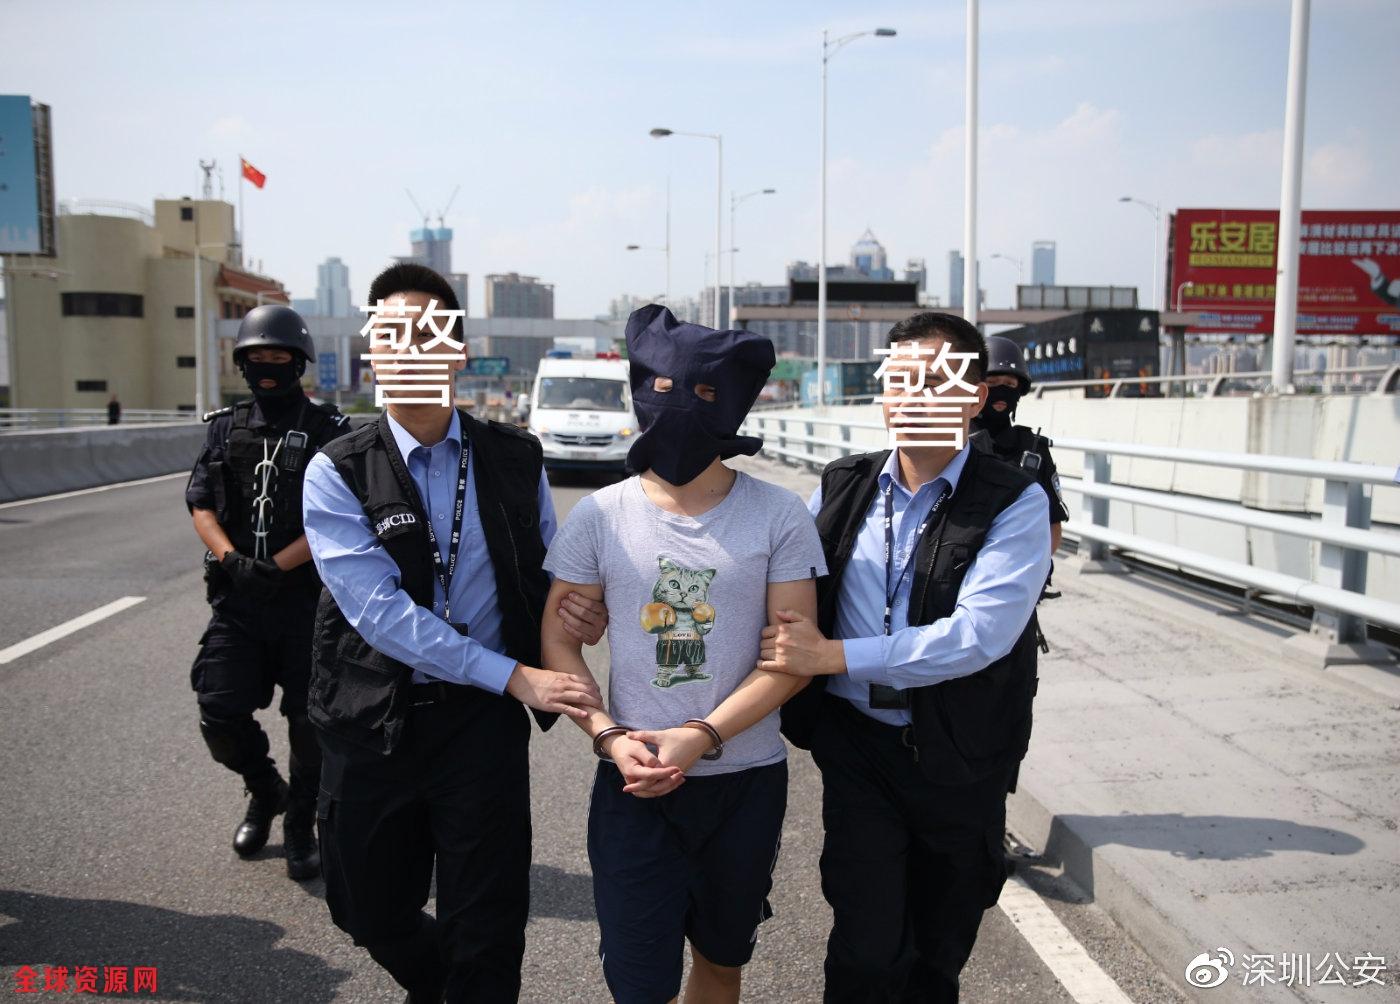 深圳警方移交一名香港籍嫌犯 涉一起凶杀案